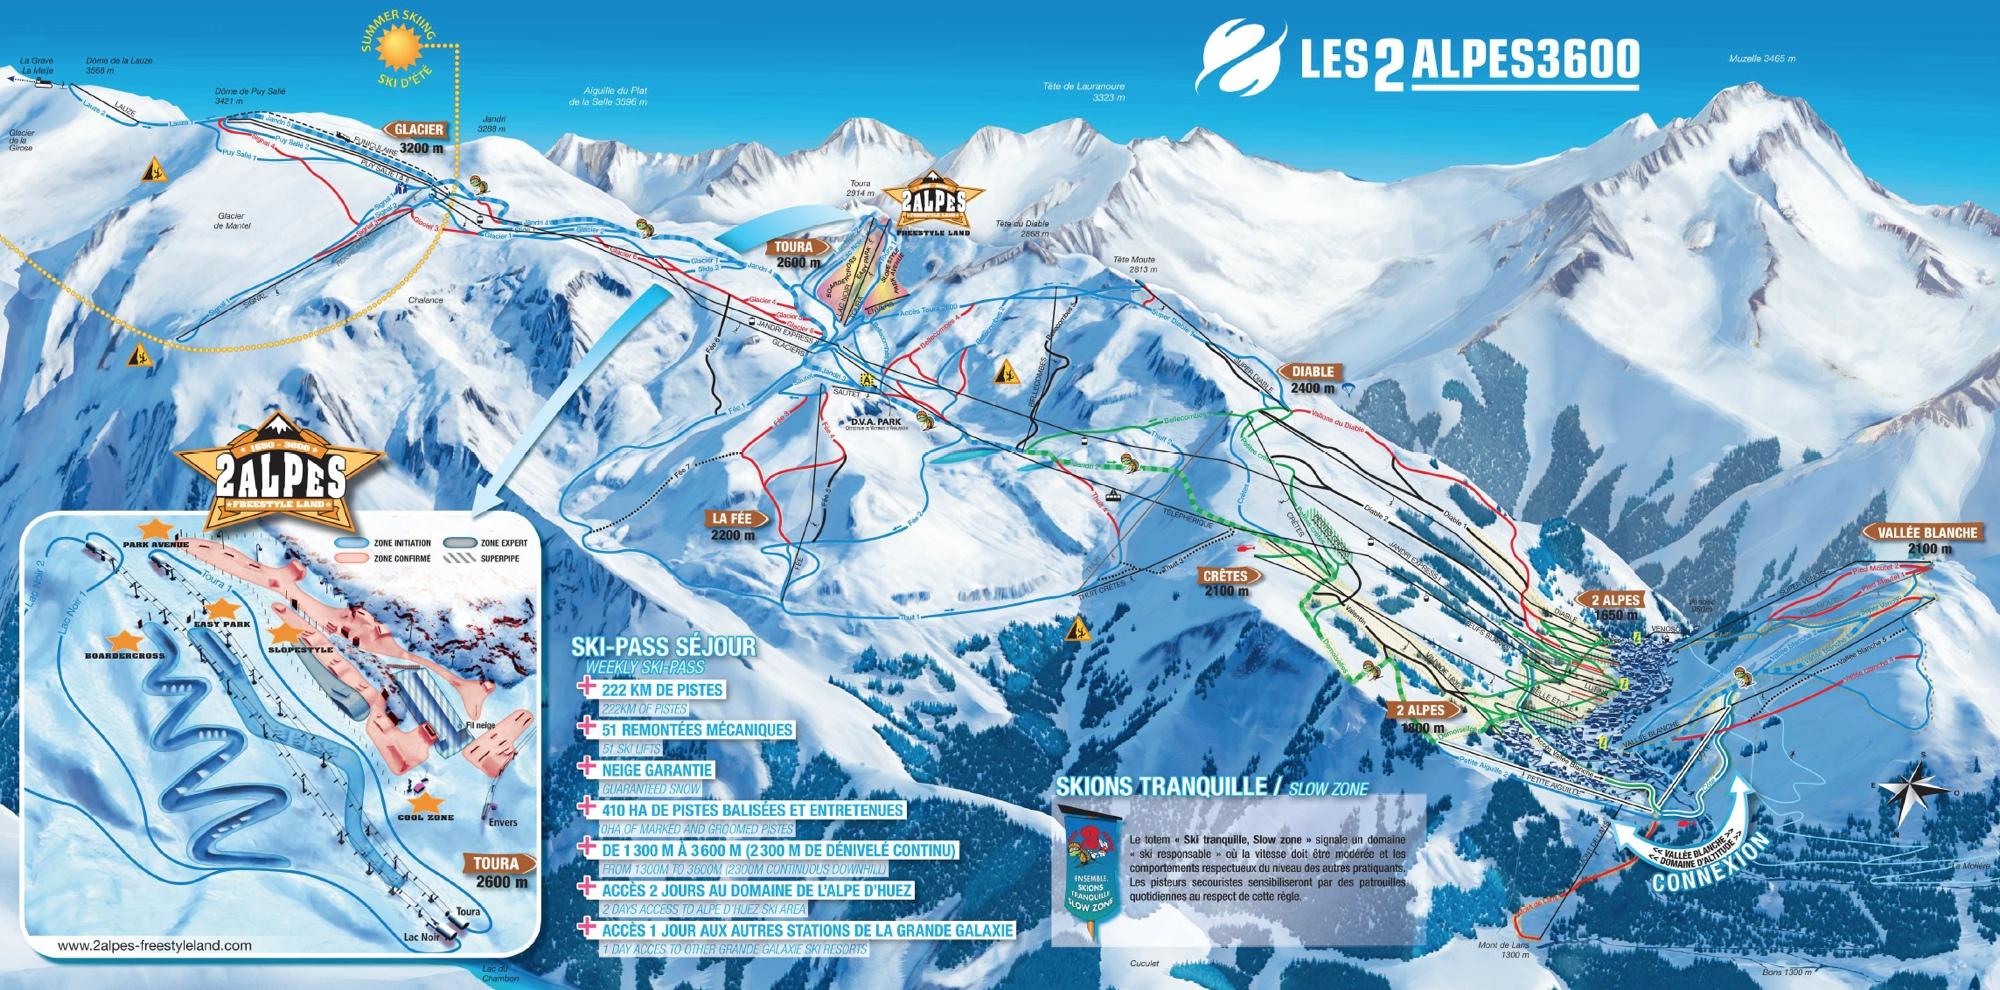 De kaart van het skigebied van Les Deux Alpes